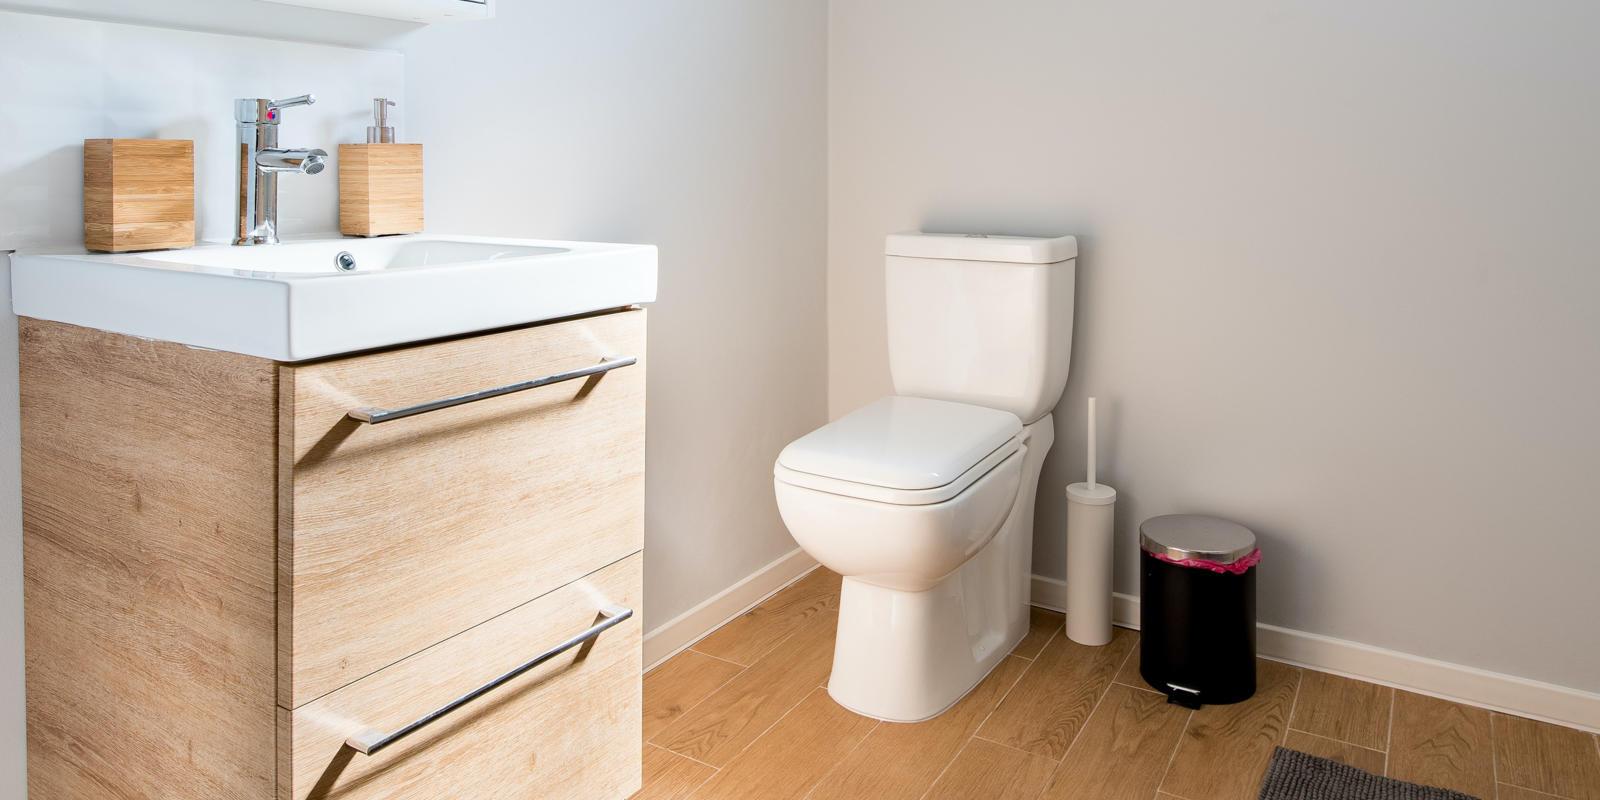 staande wc pot installeren